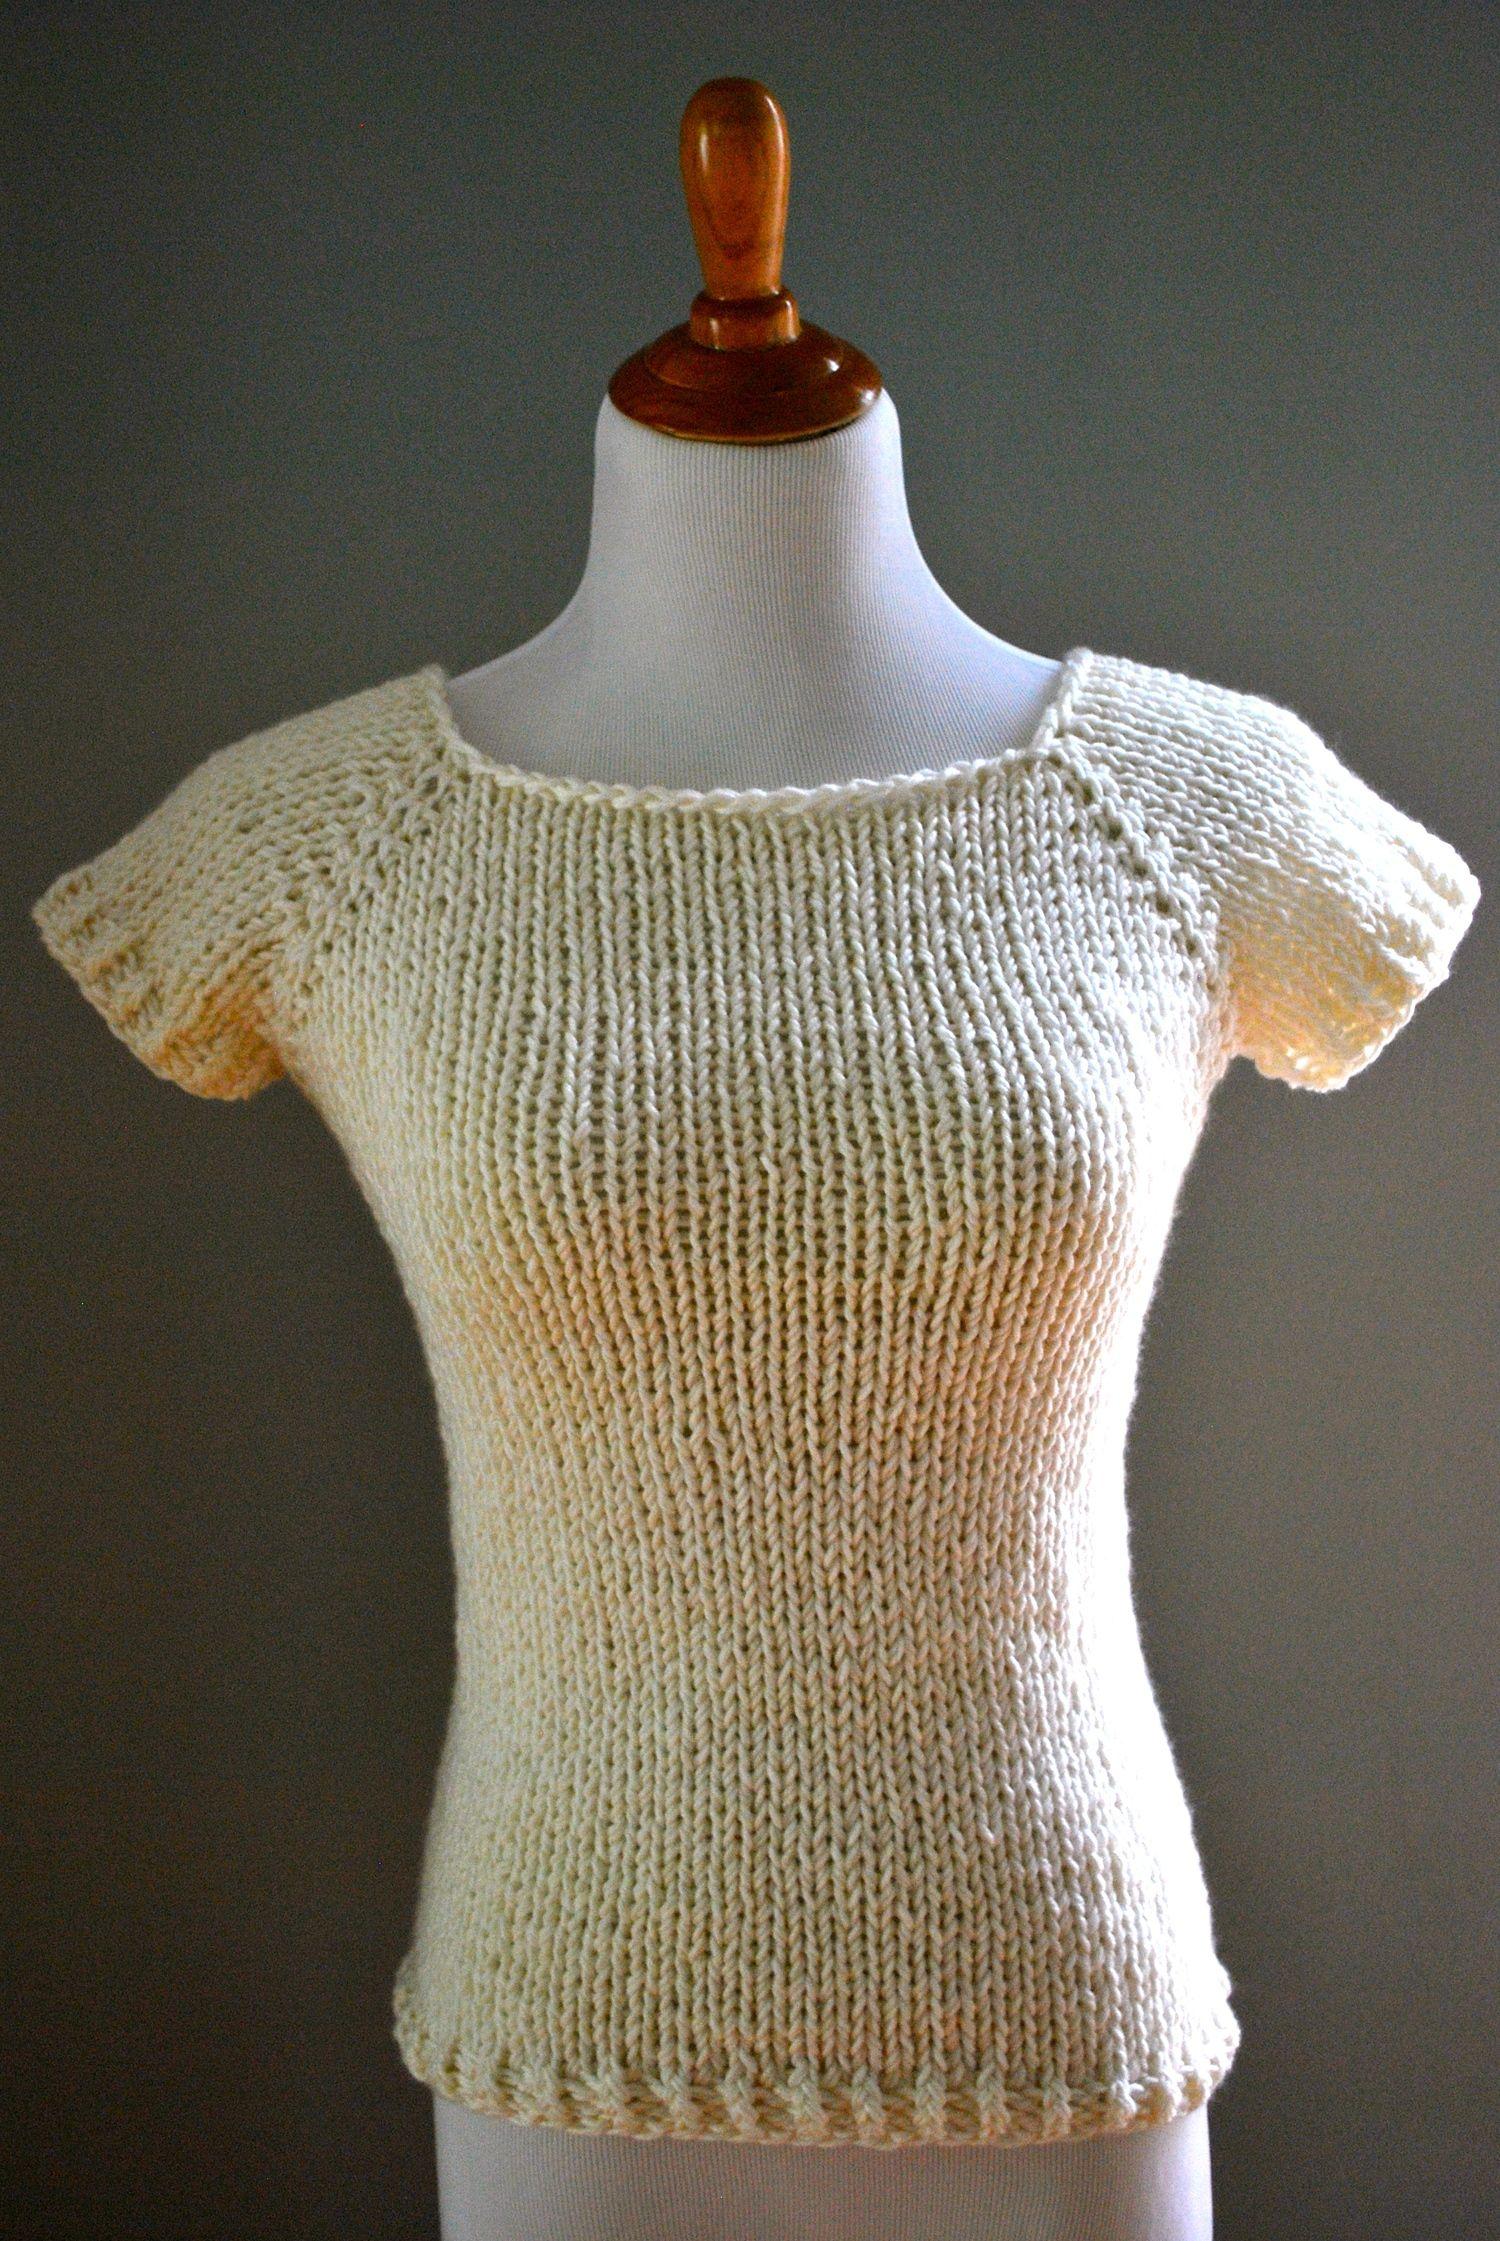 Basic Raglan Summer Sweater Knitting Pattern   Sweater knitting ...